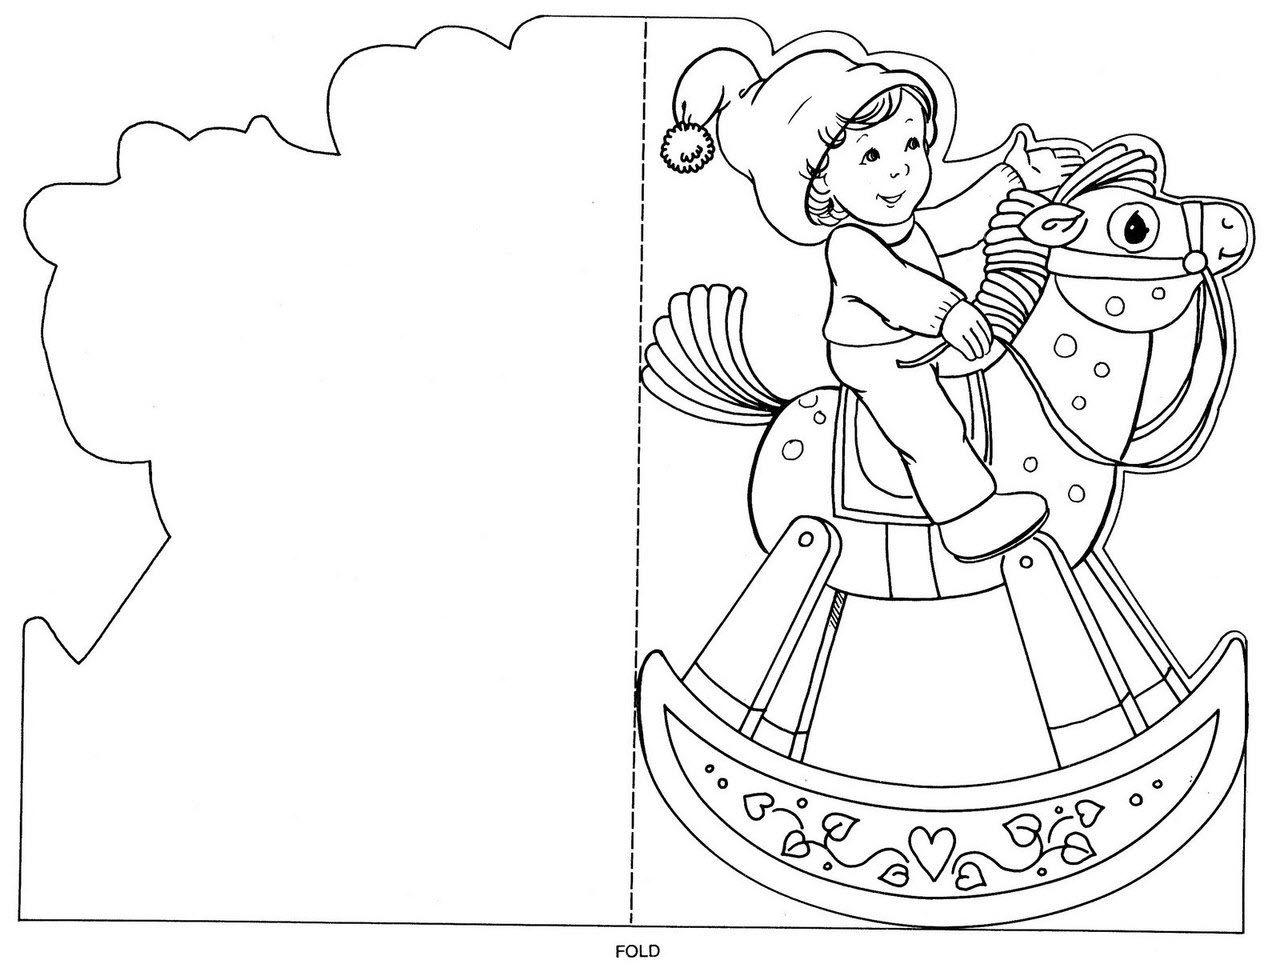 Новогодняя открытка-раскраска для девочек и мальчиков ...